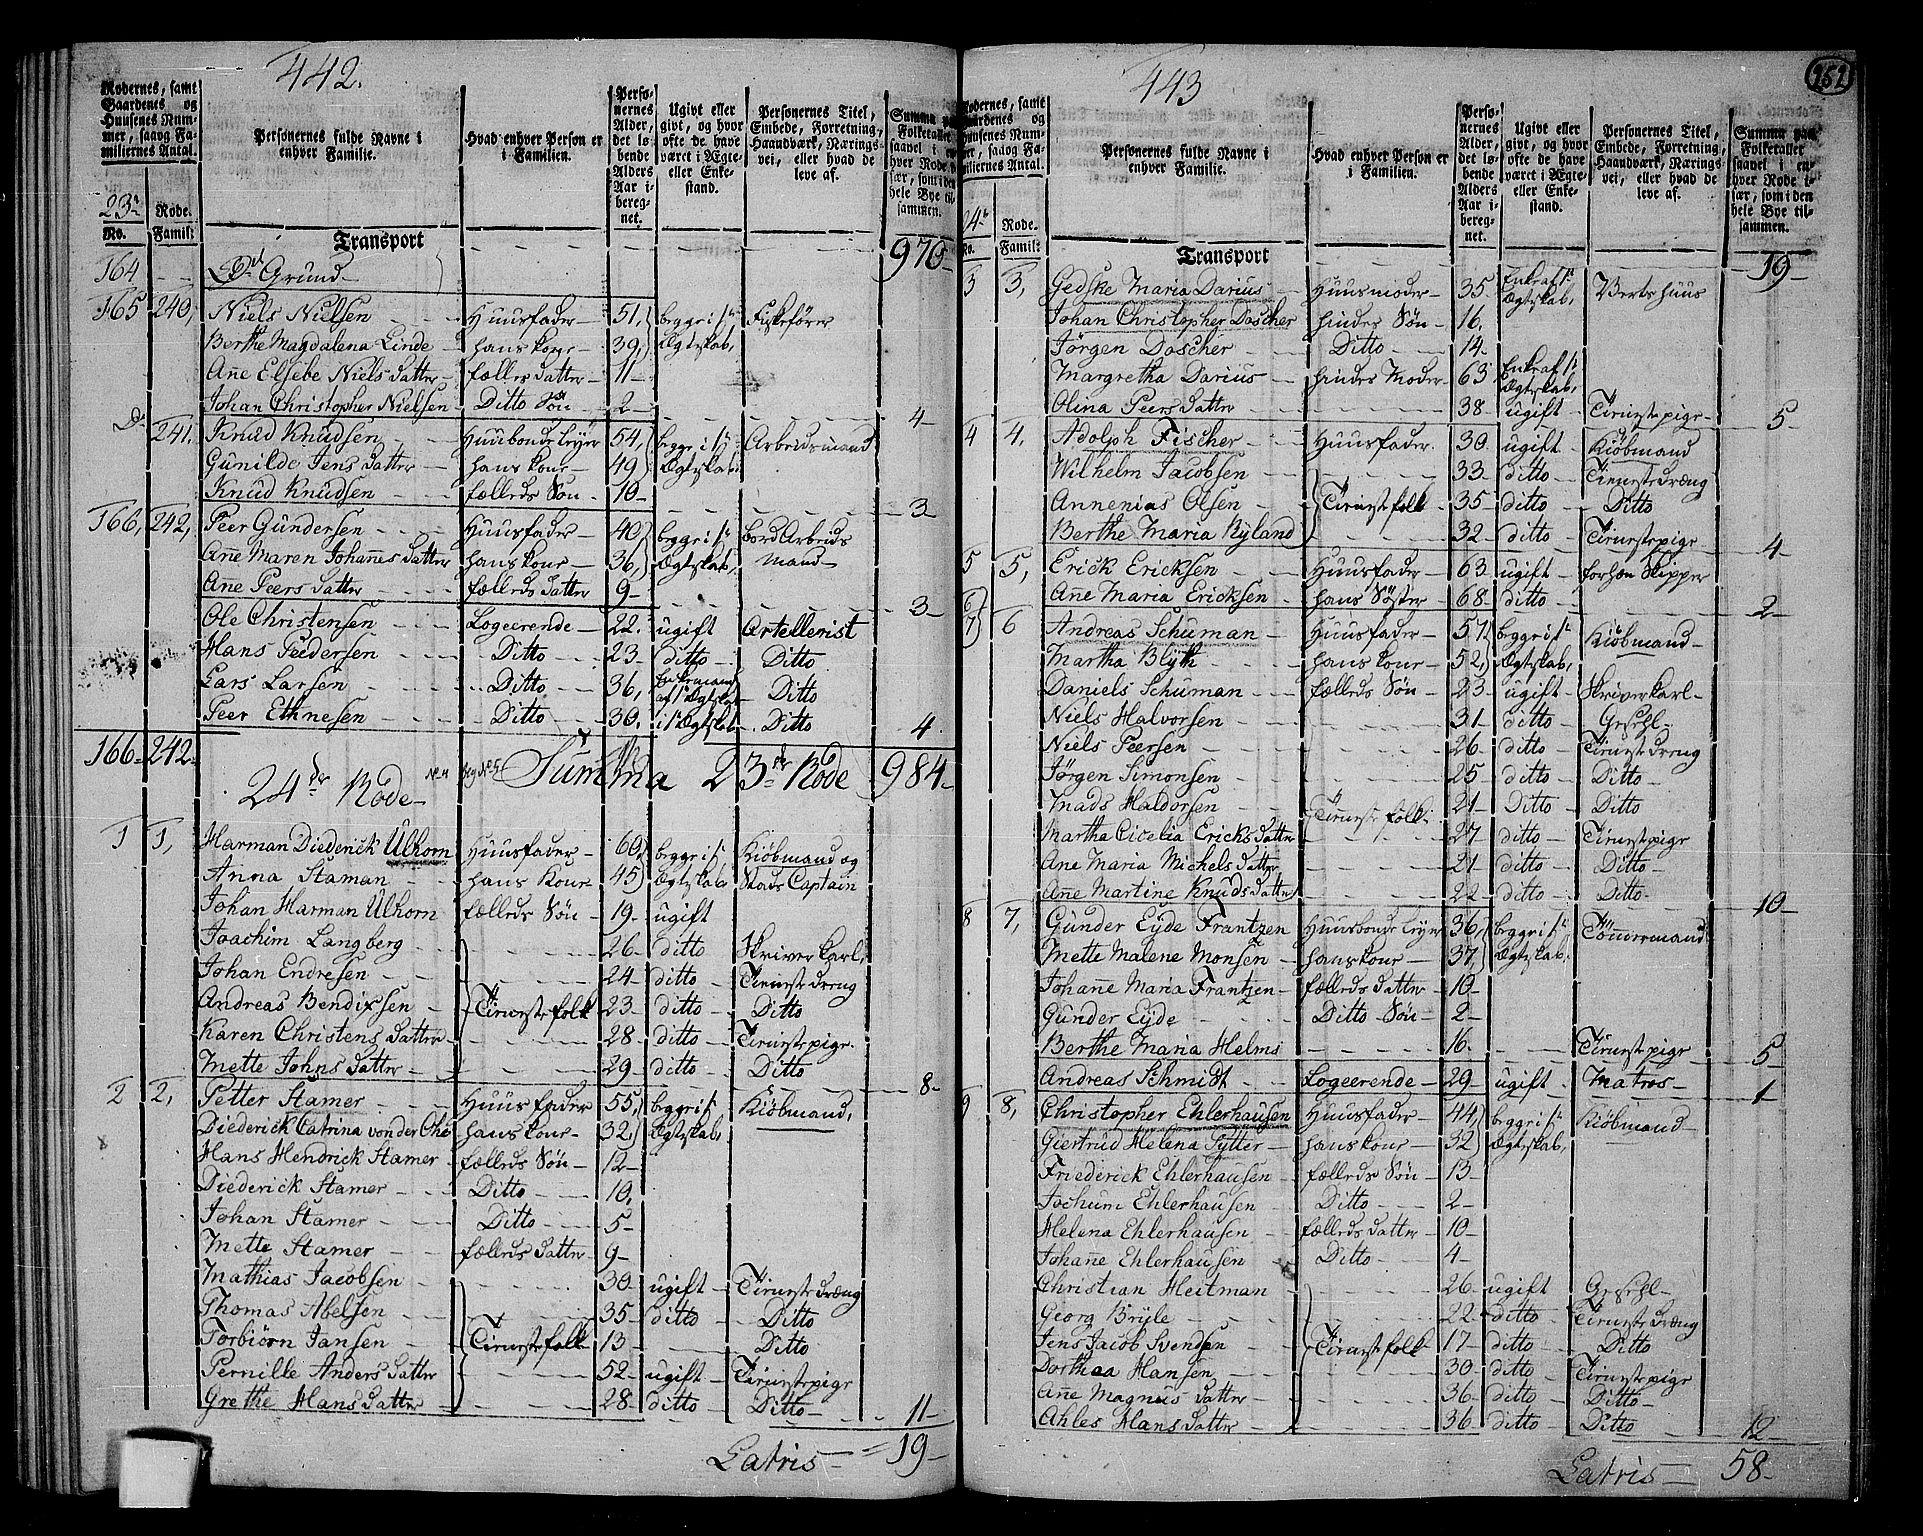 RA, Folketelling 1801 for 1301 Bergen kjøpstad, 1801, s. 251b-252a